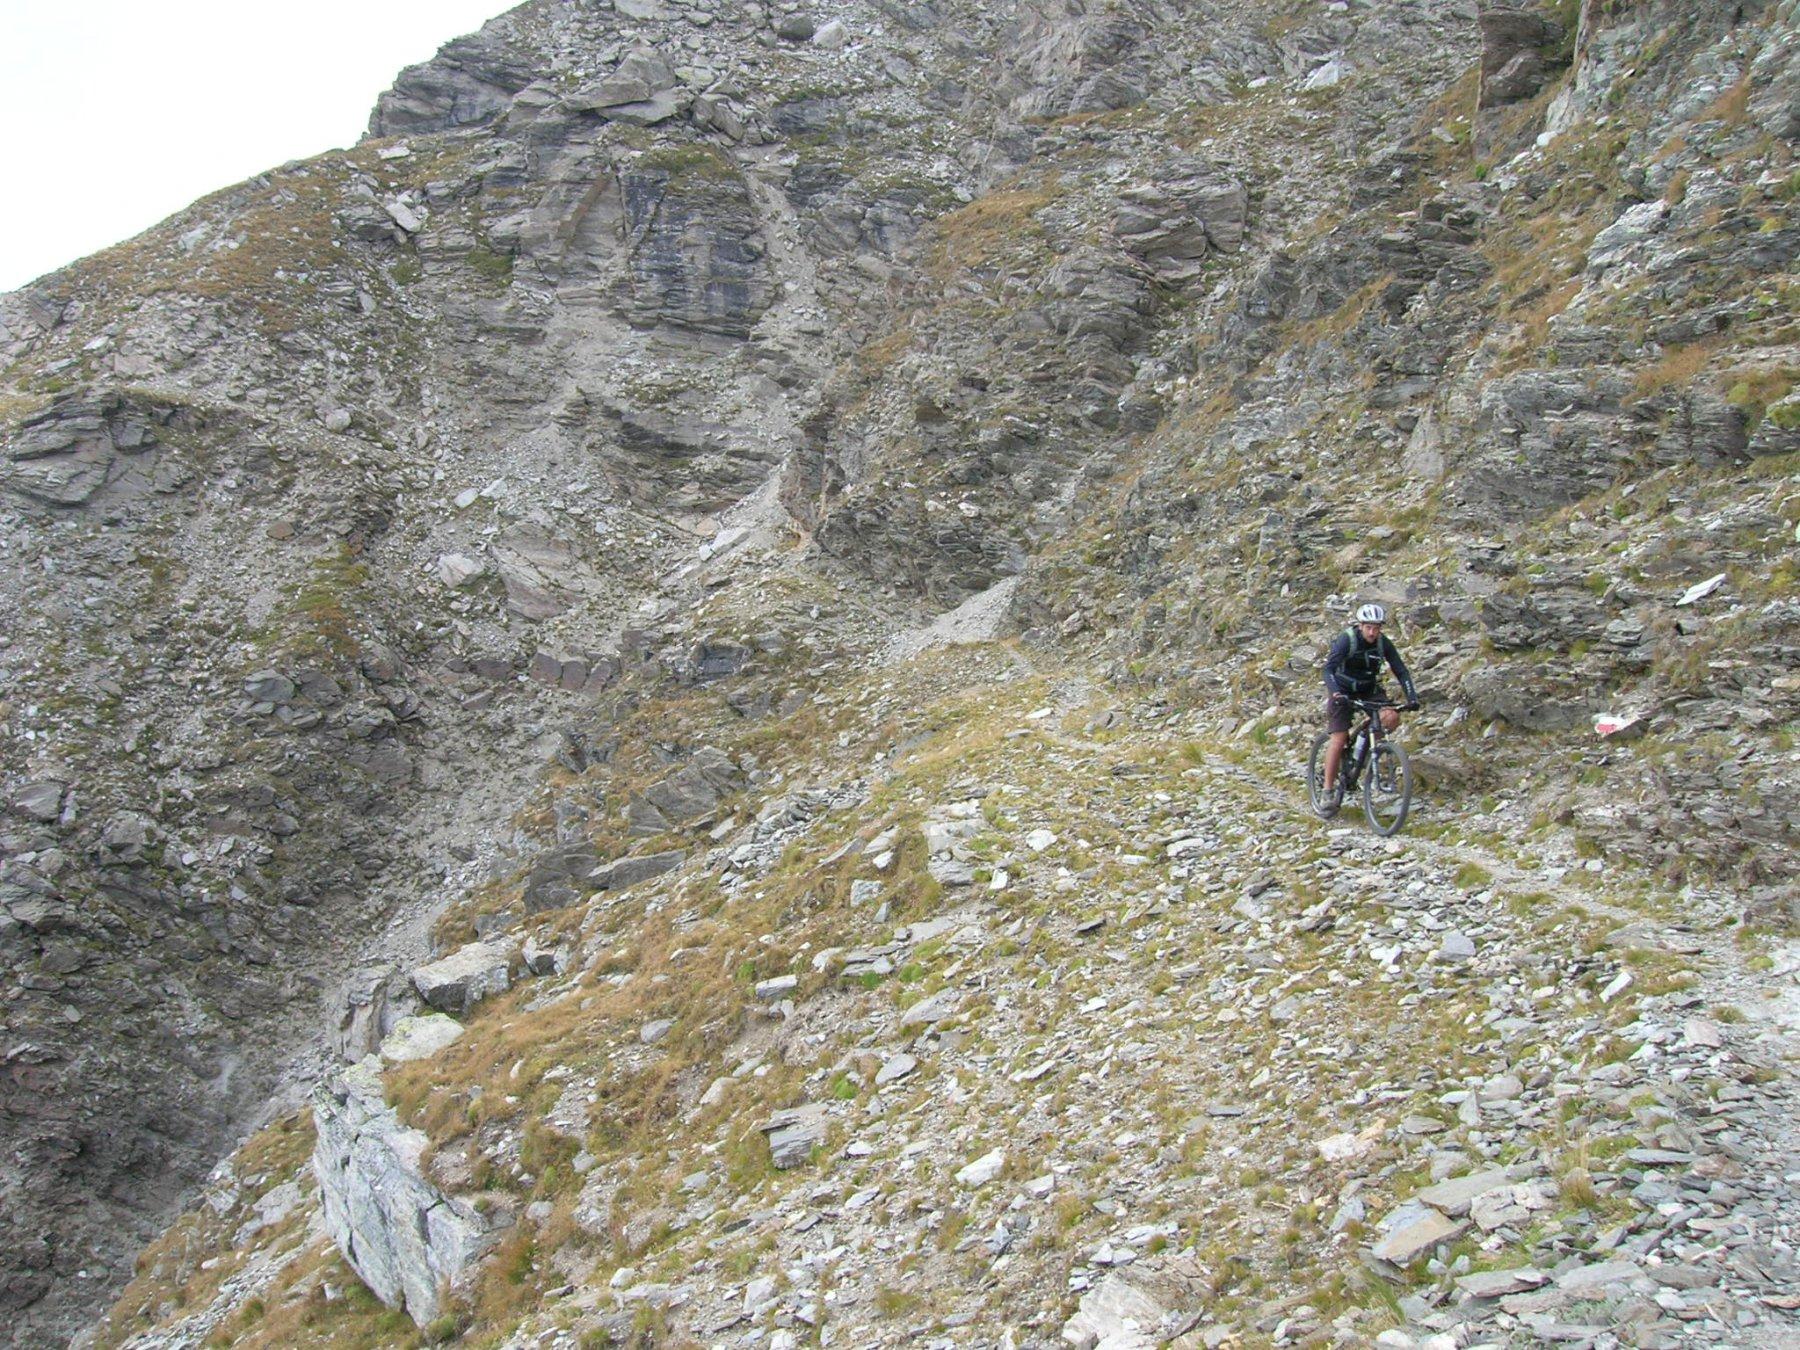 Trinceramenti (Passo dei) da Bar Cenisio, tour del Giusalet per Col Clapier e Rifugio Avanzà 2016-09-11